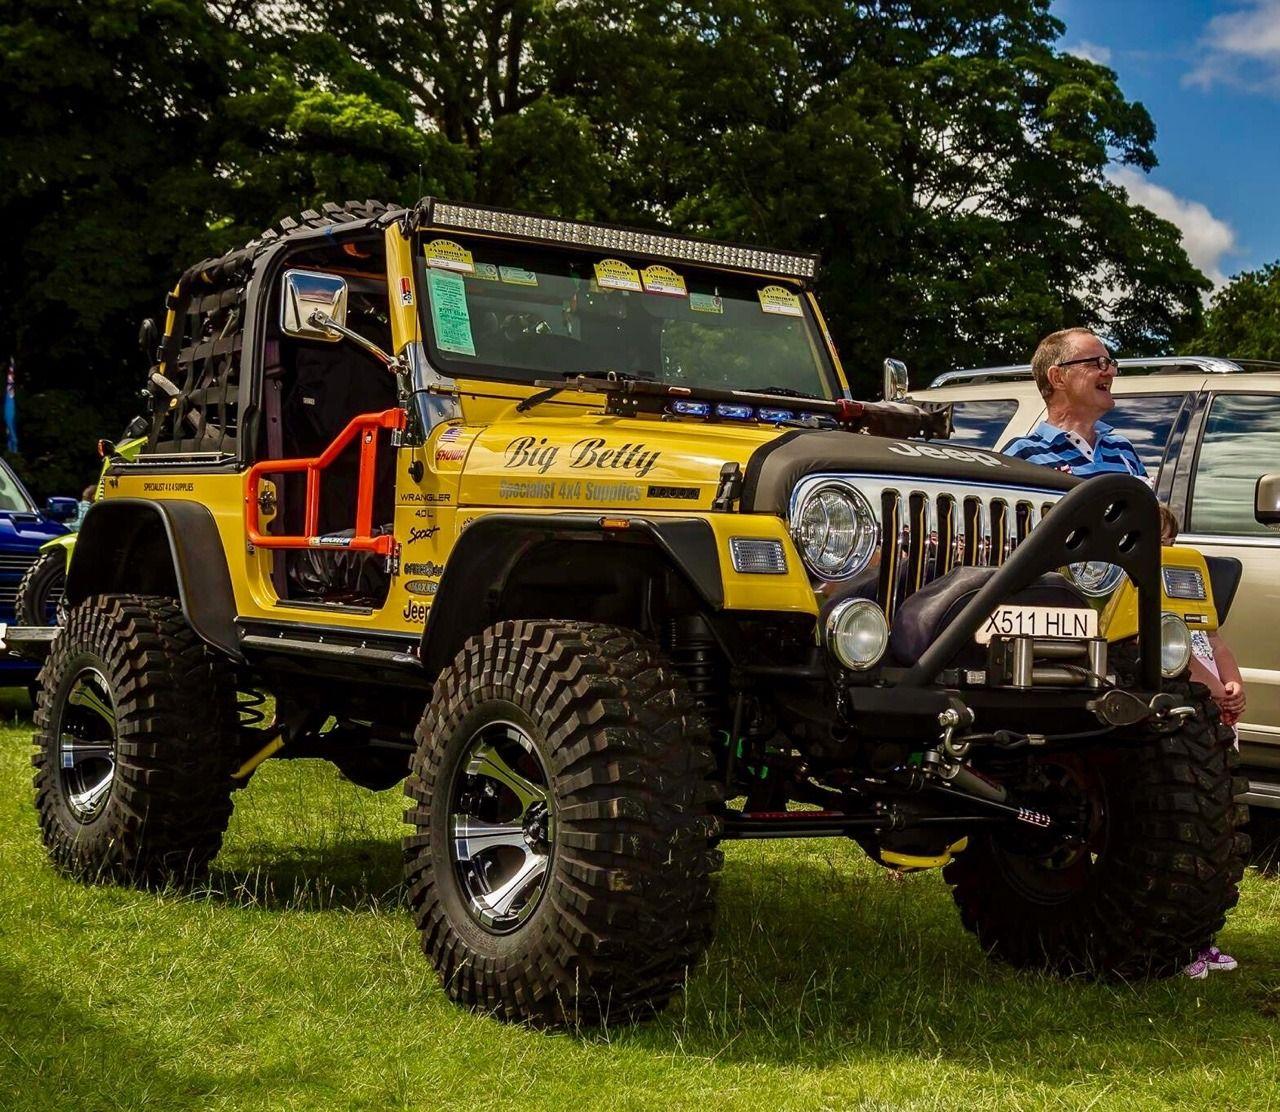 Untitled | Jeep cj, Jeep suv, Jeep 4x4